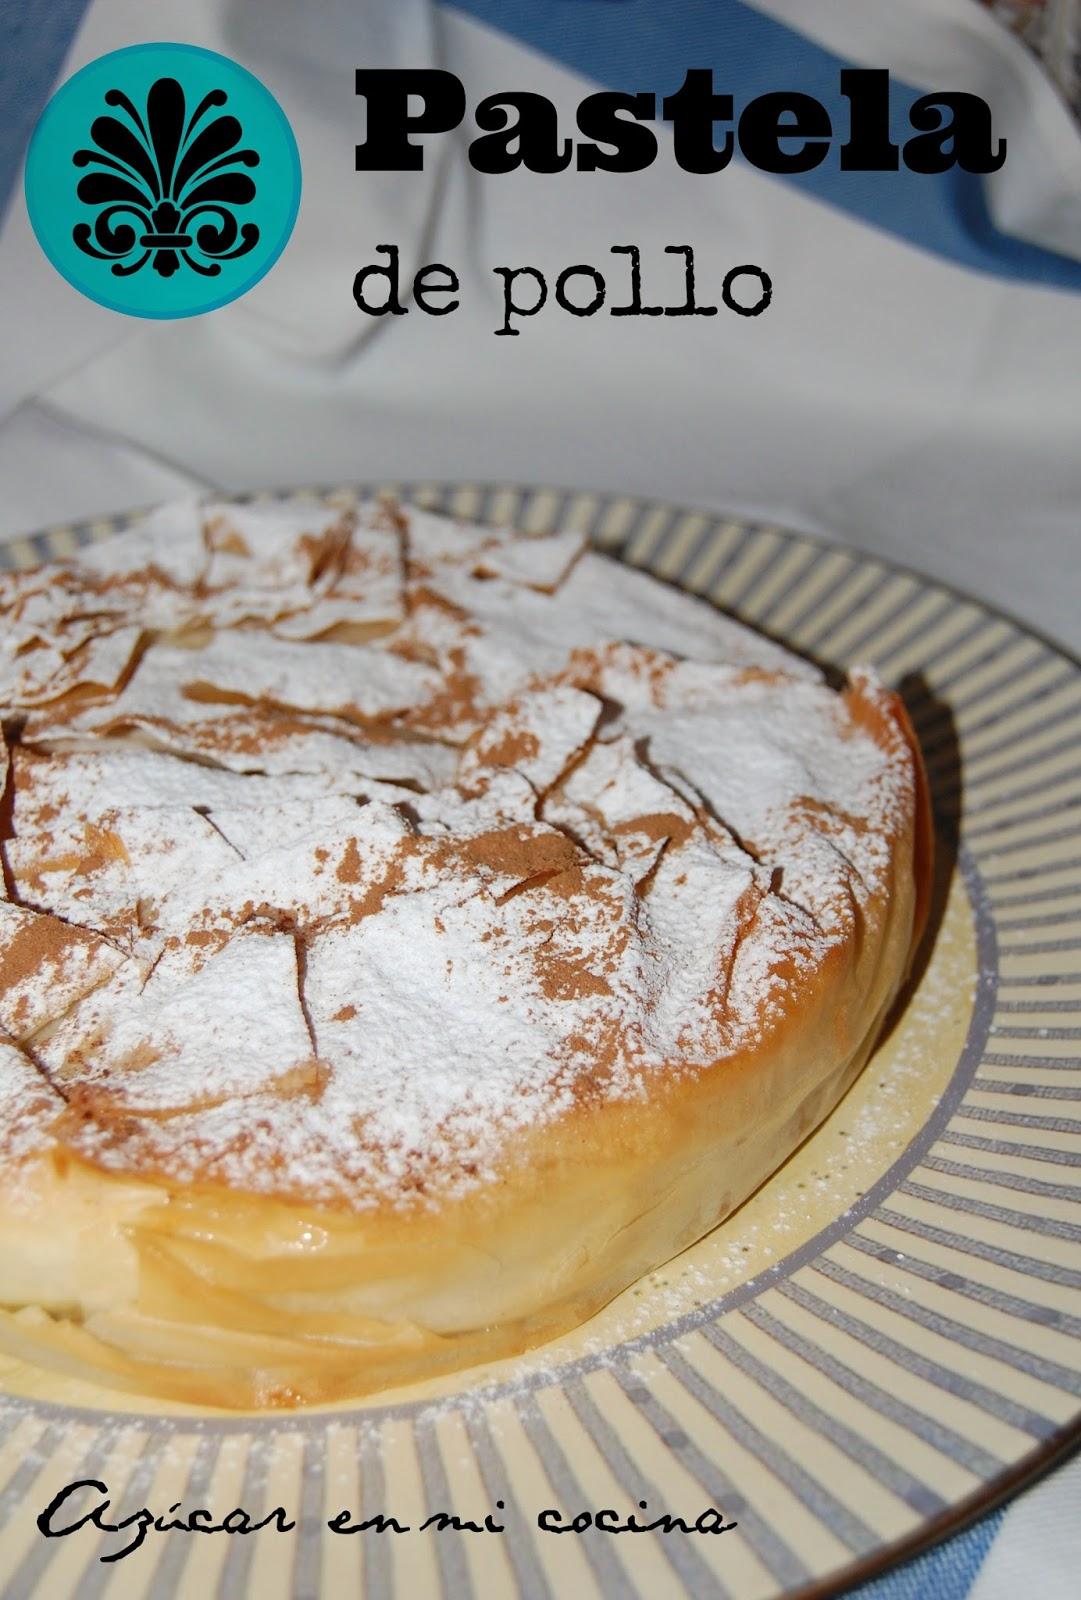 http://azucarenmicocina.blogspot.com.es/2014/12/pastela-de-pollo.html